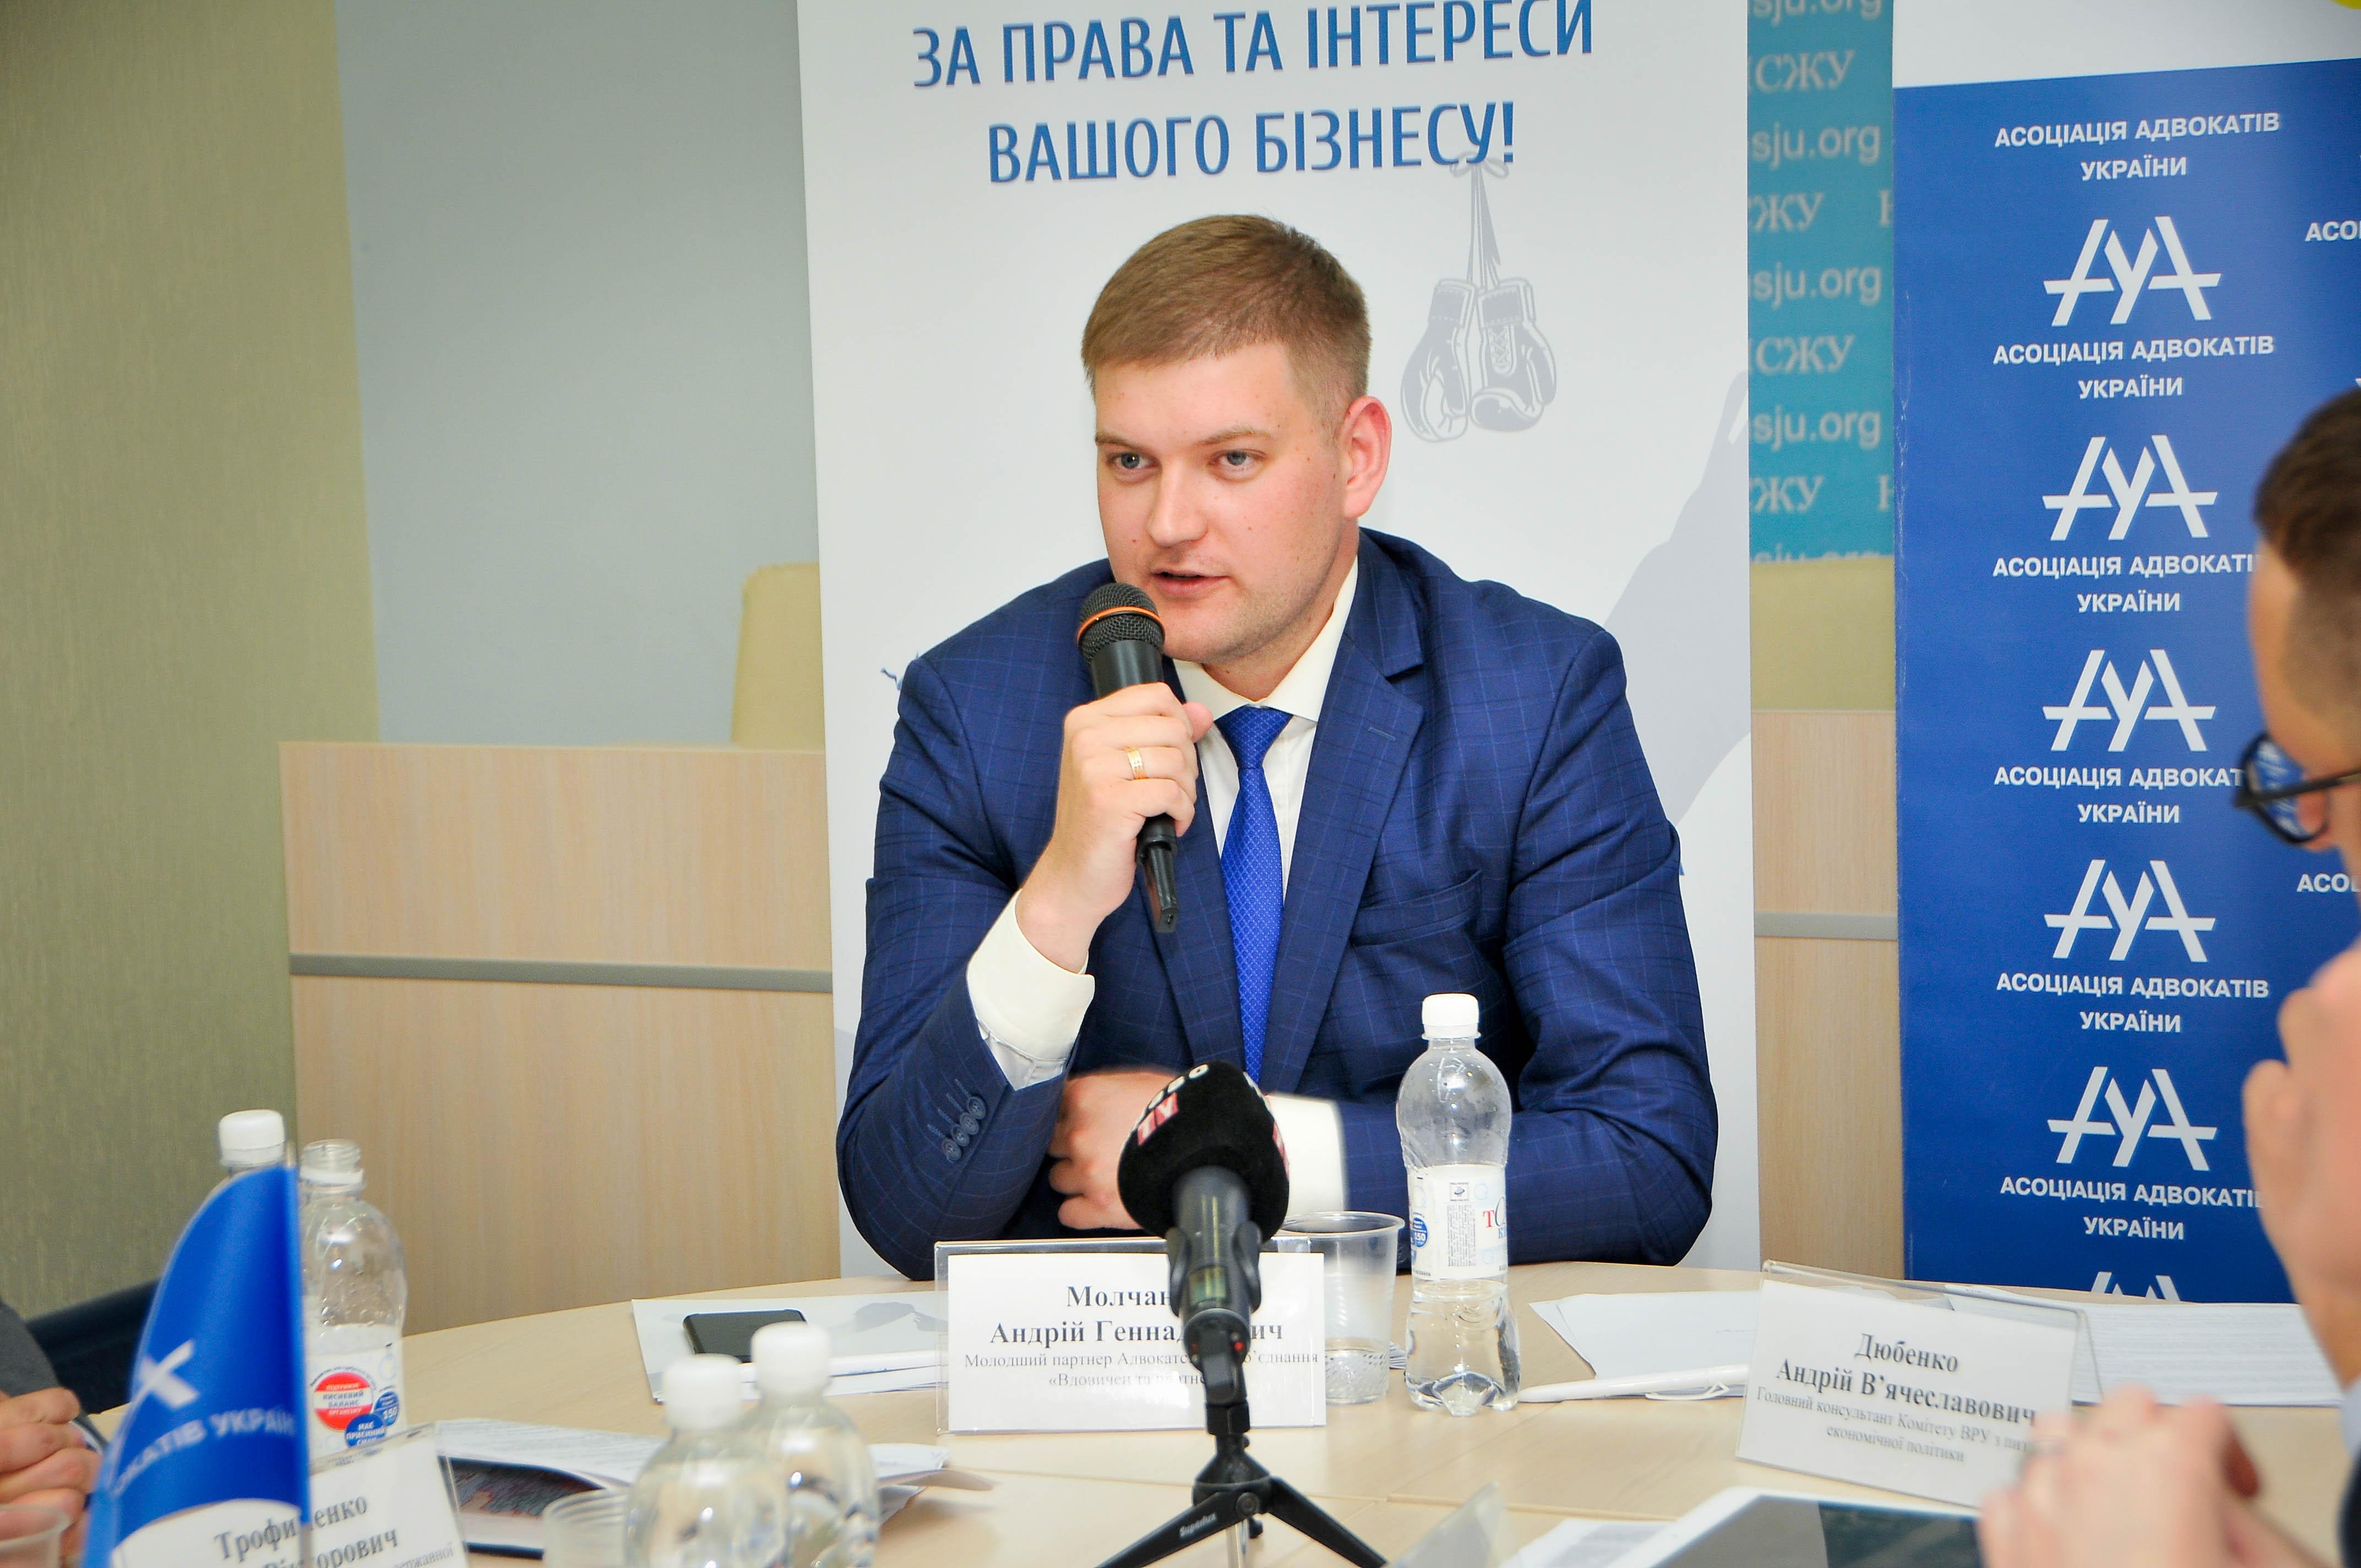 Андрій Молчанов виступив модератором круглого столу «Закон про ТОВ: чи стане легше захищатись від рейдерства?»